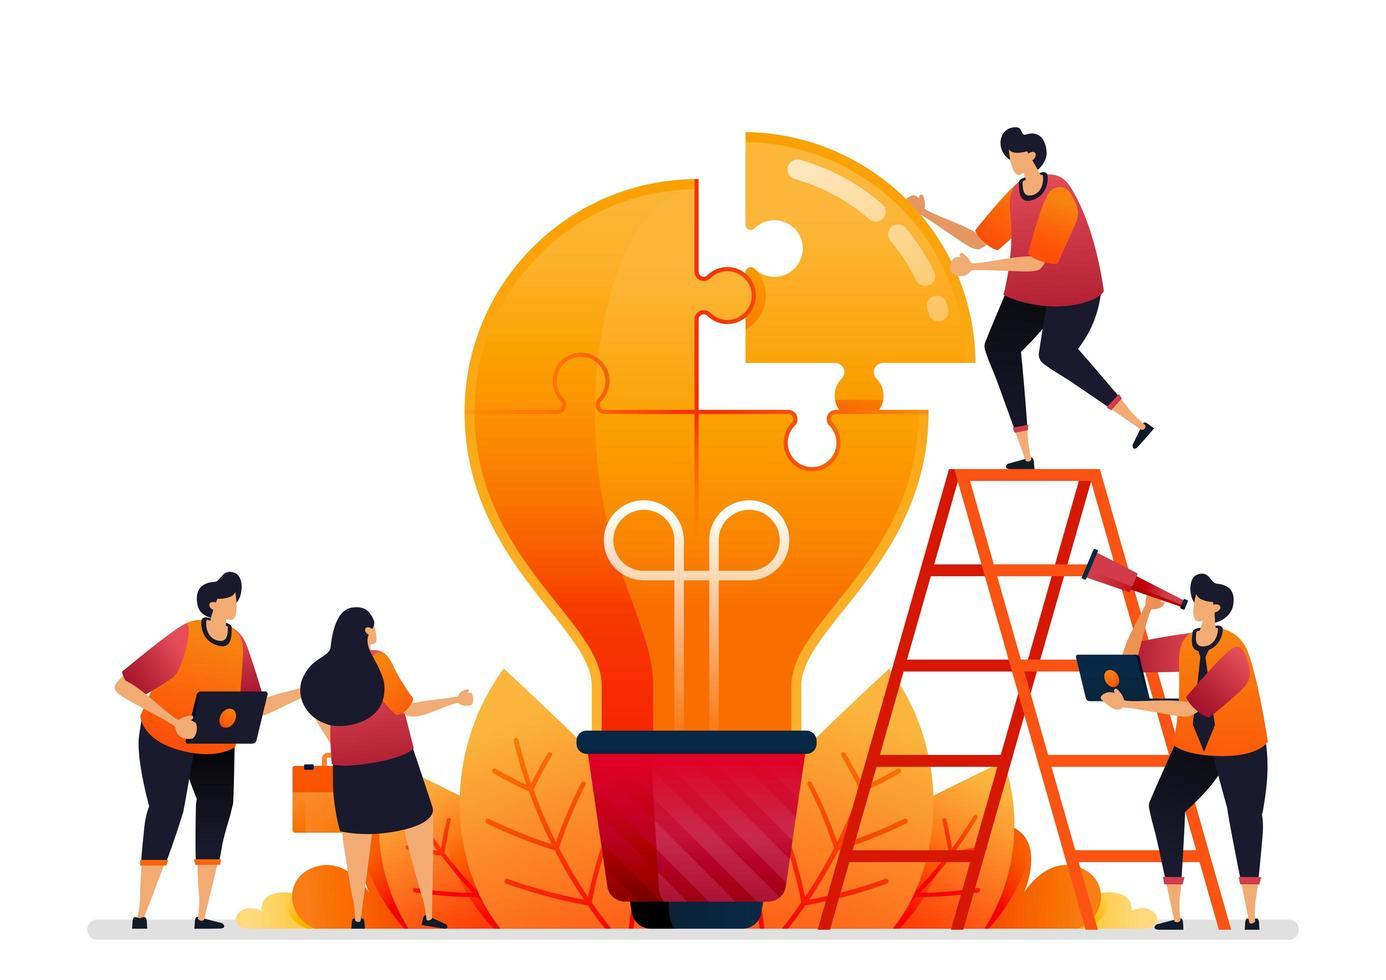 vectorillustratie van problemen oplossen en oplossingen vinden met teamwerk. deel ideeën door te brainstormen. grafisch ontwerp voor bestemmingspagina, web, website, mobiele apps, banner, sjabloon, poster, flyer vector